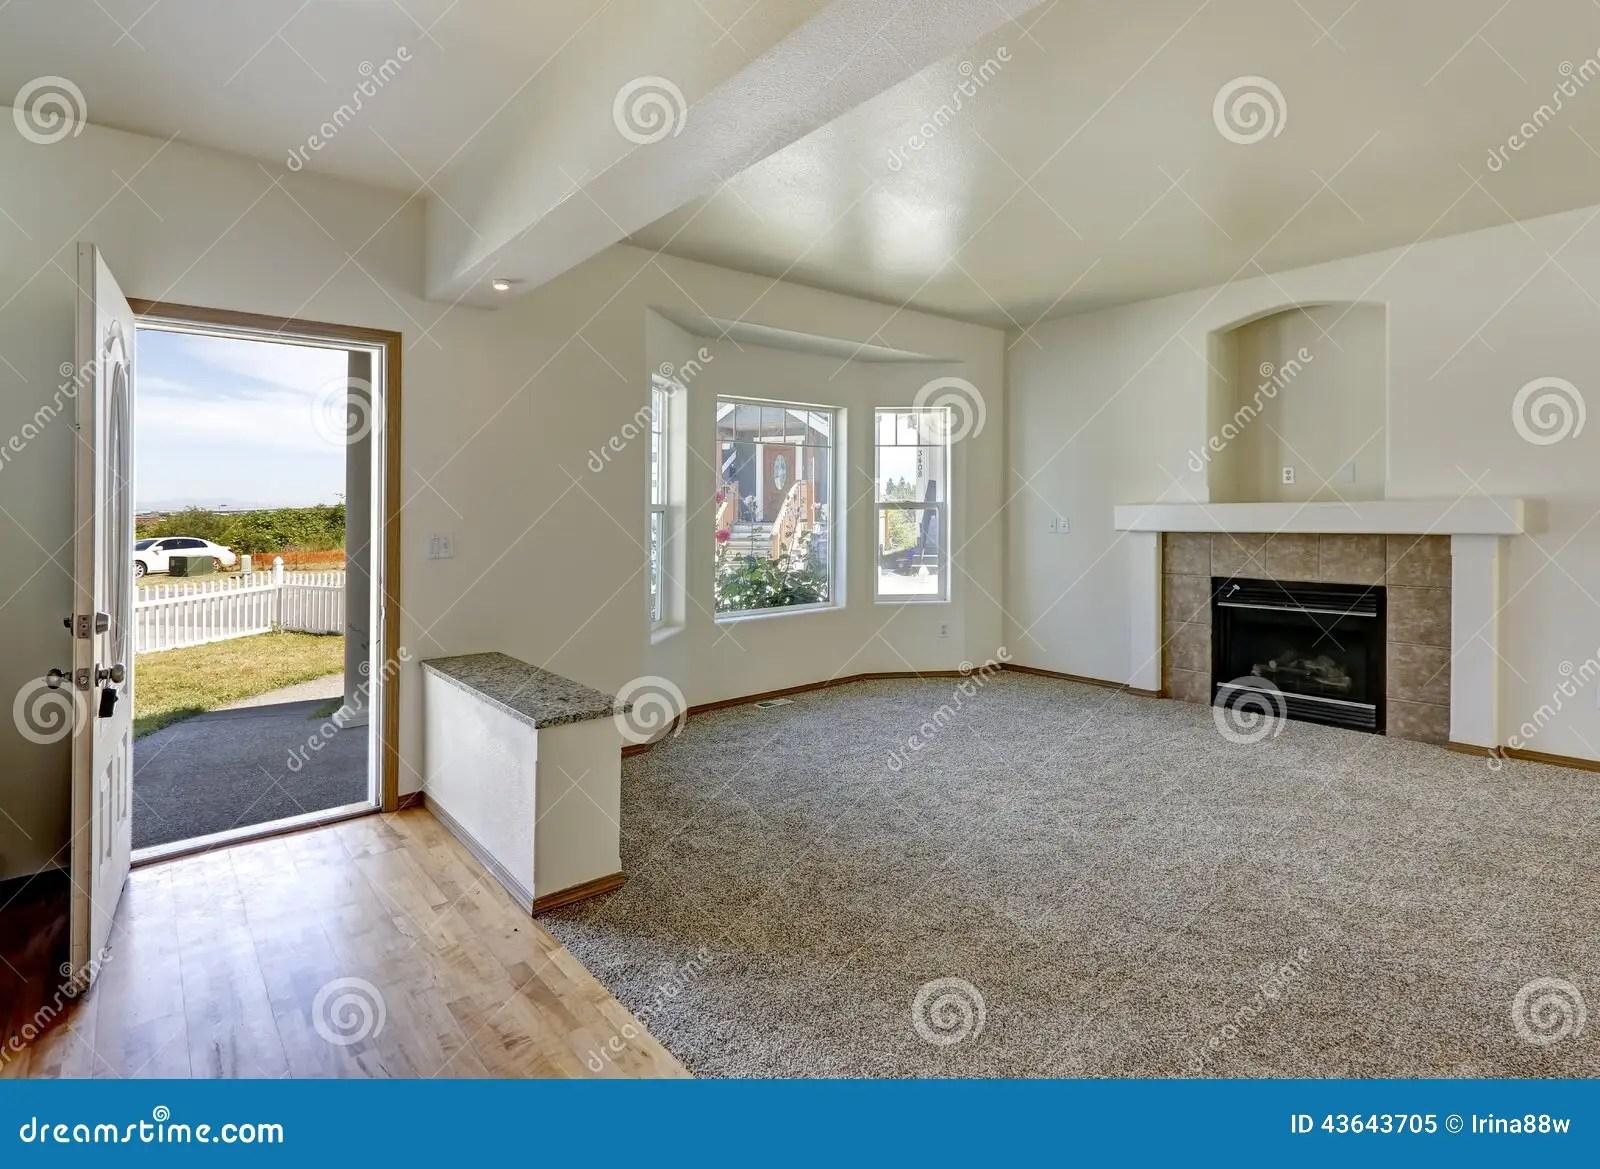 wohnzimmerinnenraum im leeren haus stockbild bild von haus wohnzimmerinnenraum 43643705